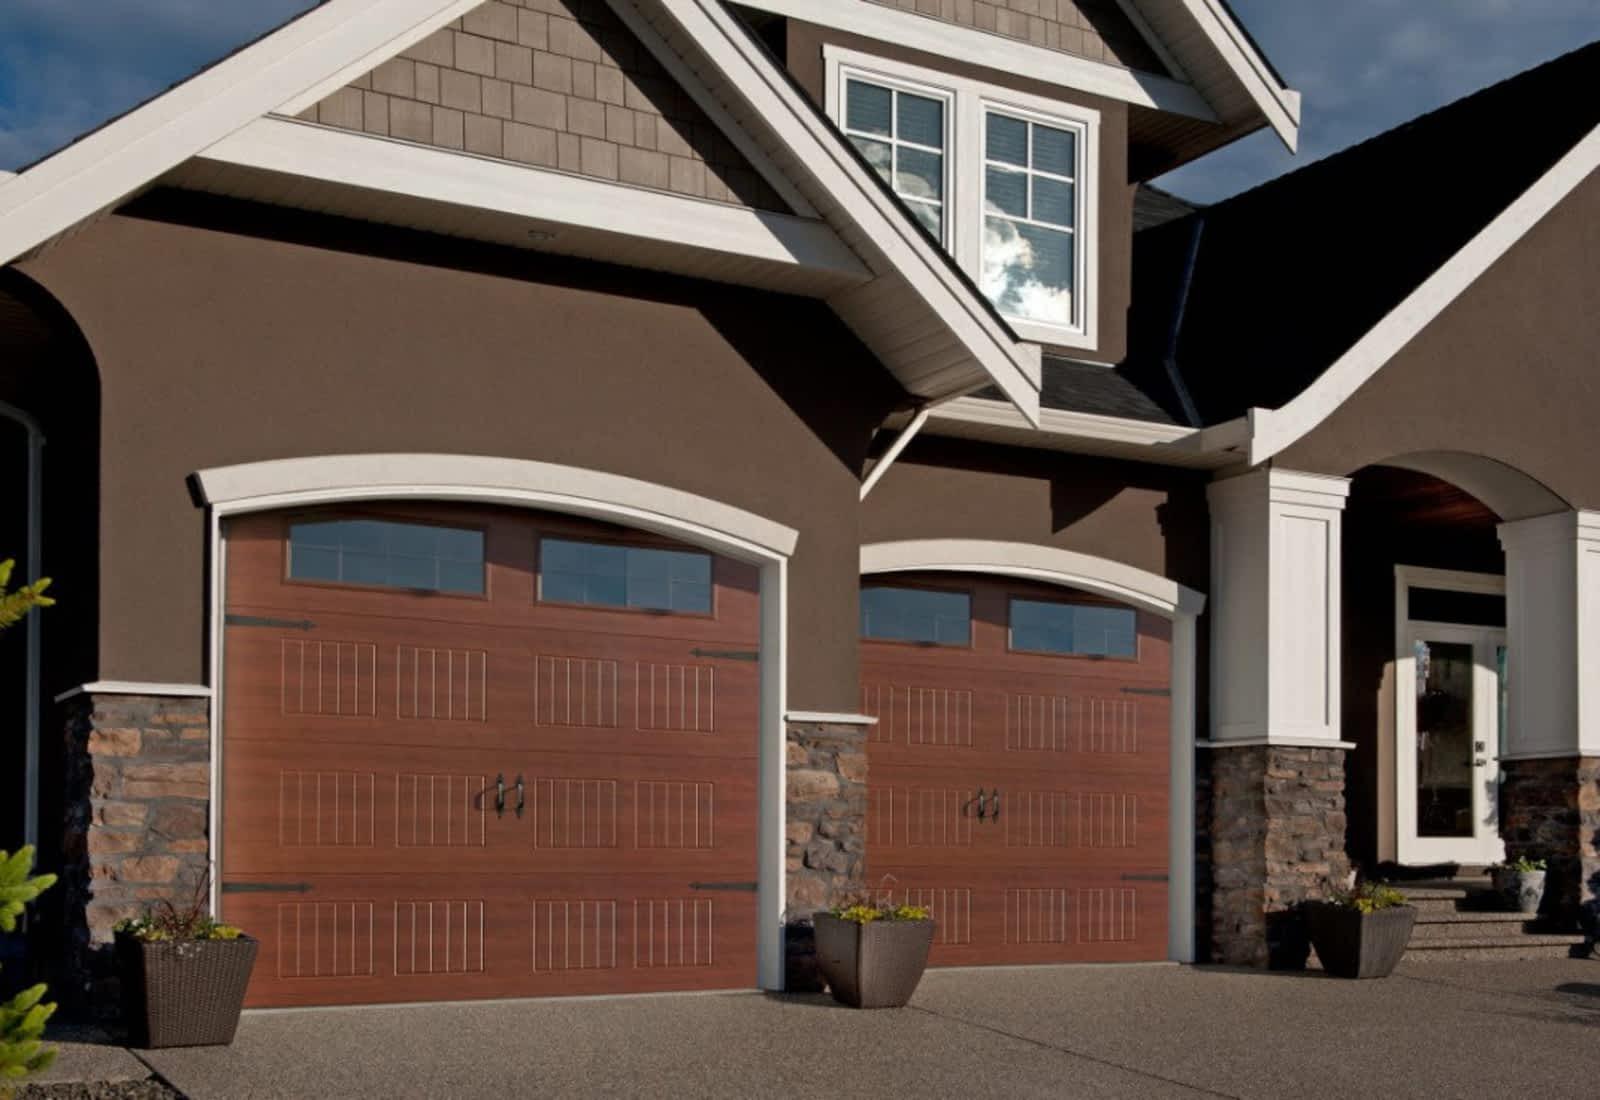 services paso residential garage door tx installation get download el repair doors comprehensive